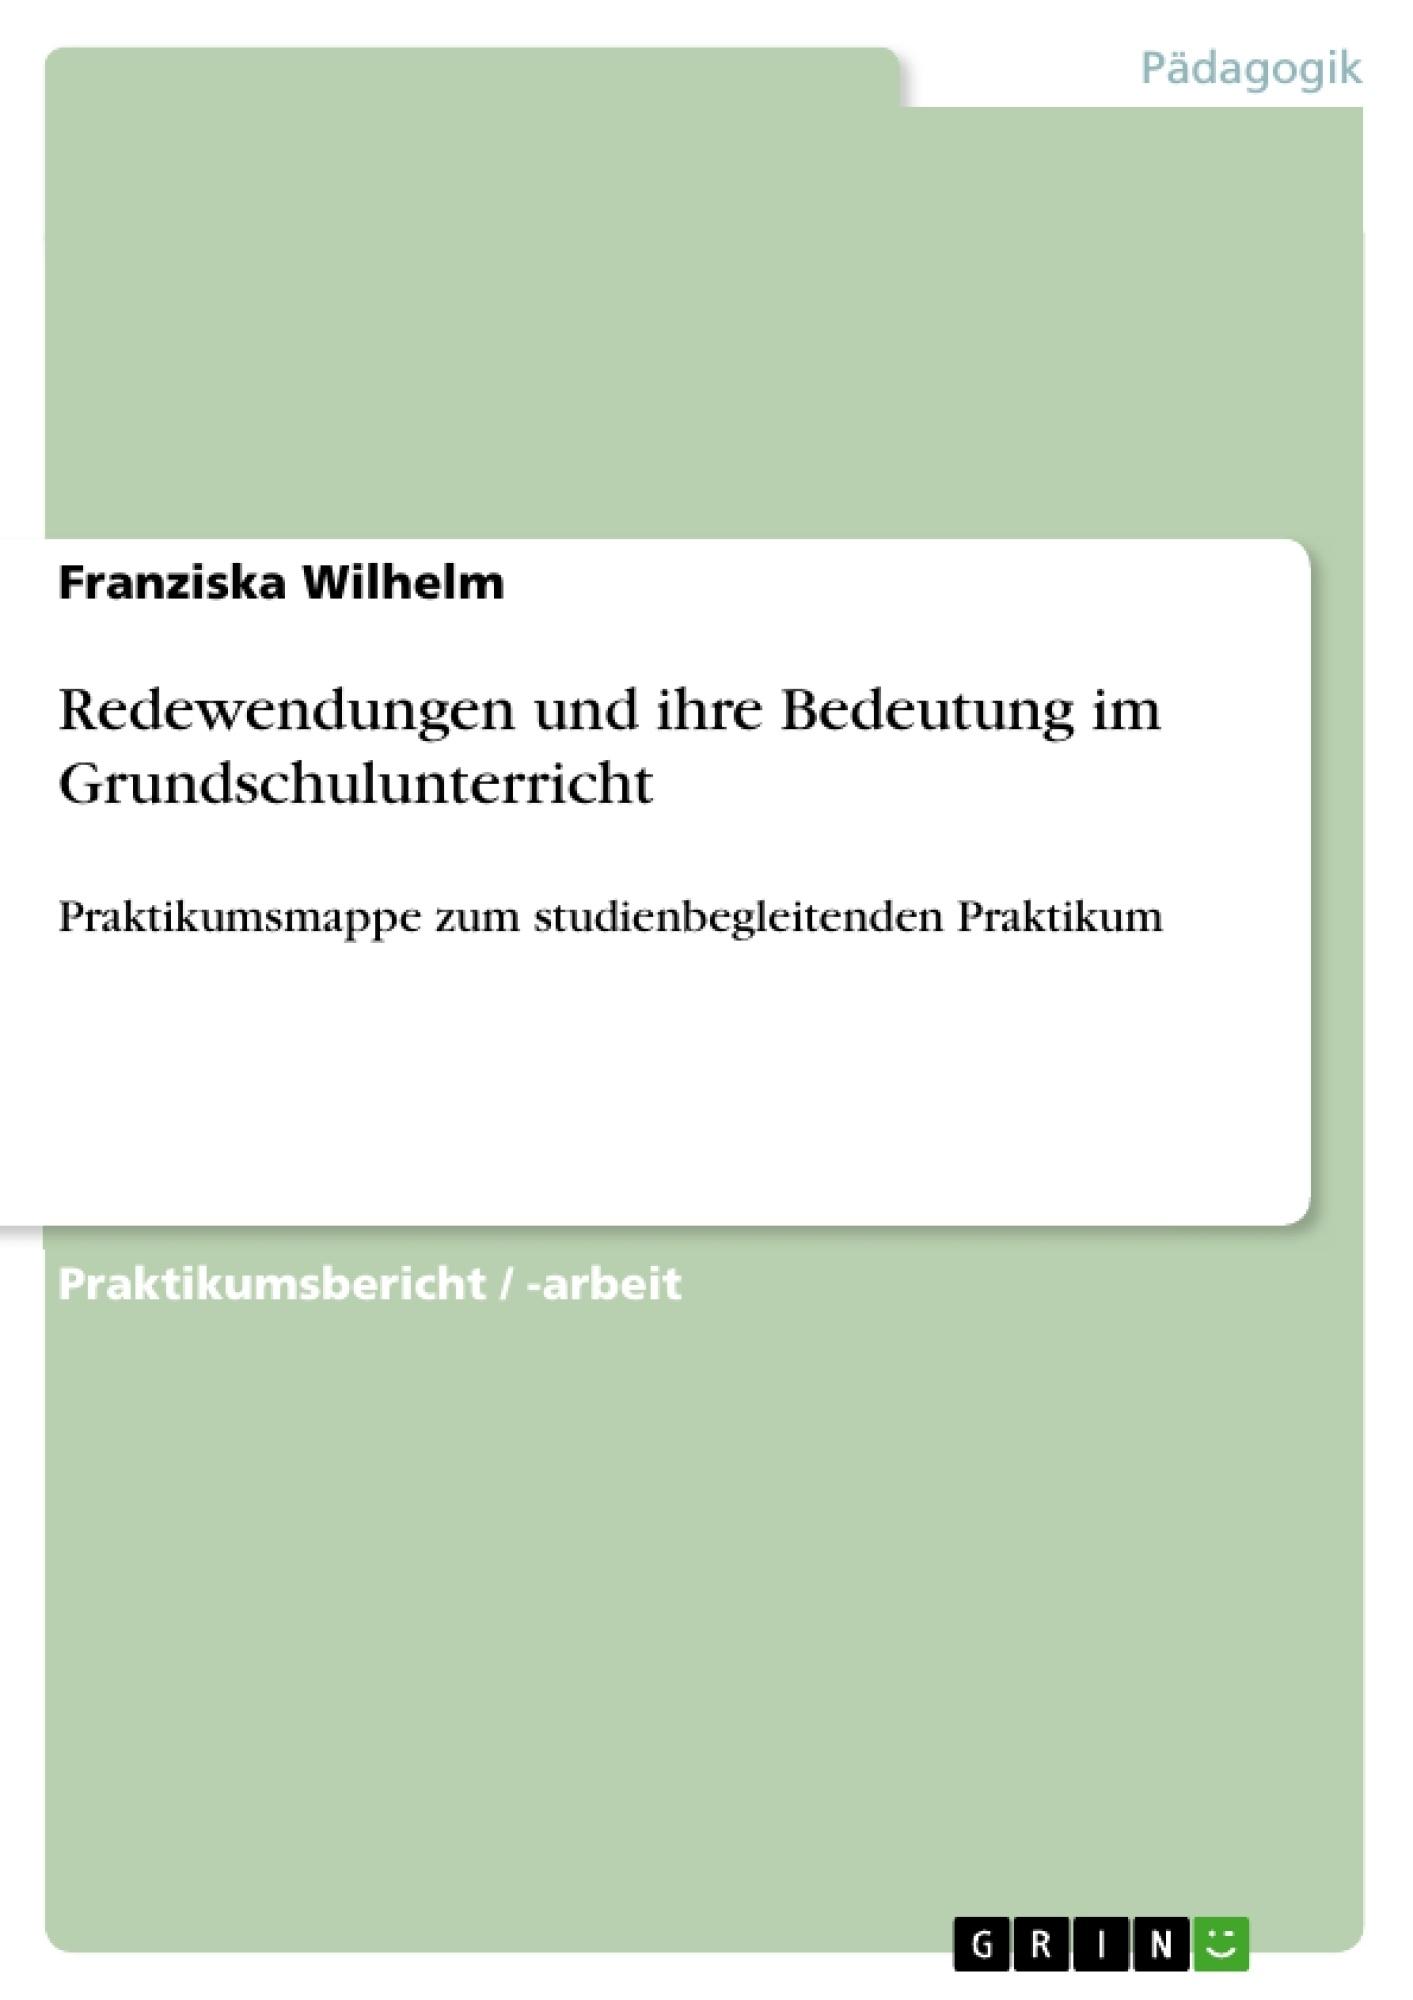 Titel: Redewendungen und ihre Bedeutung im Grundschulunterricht